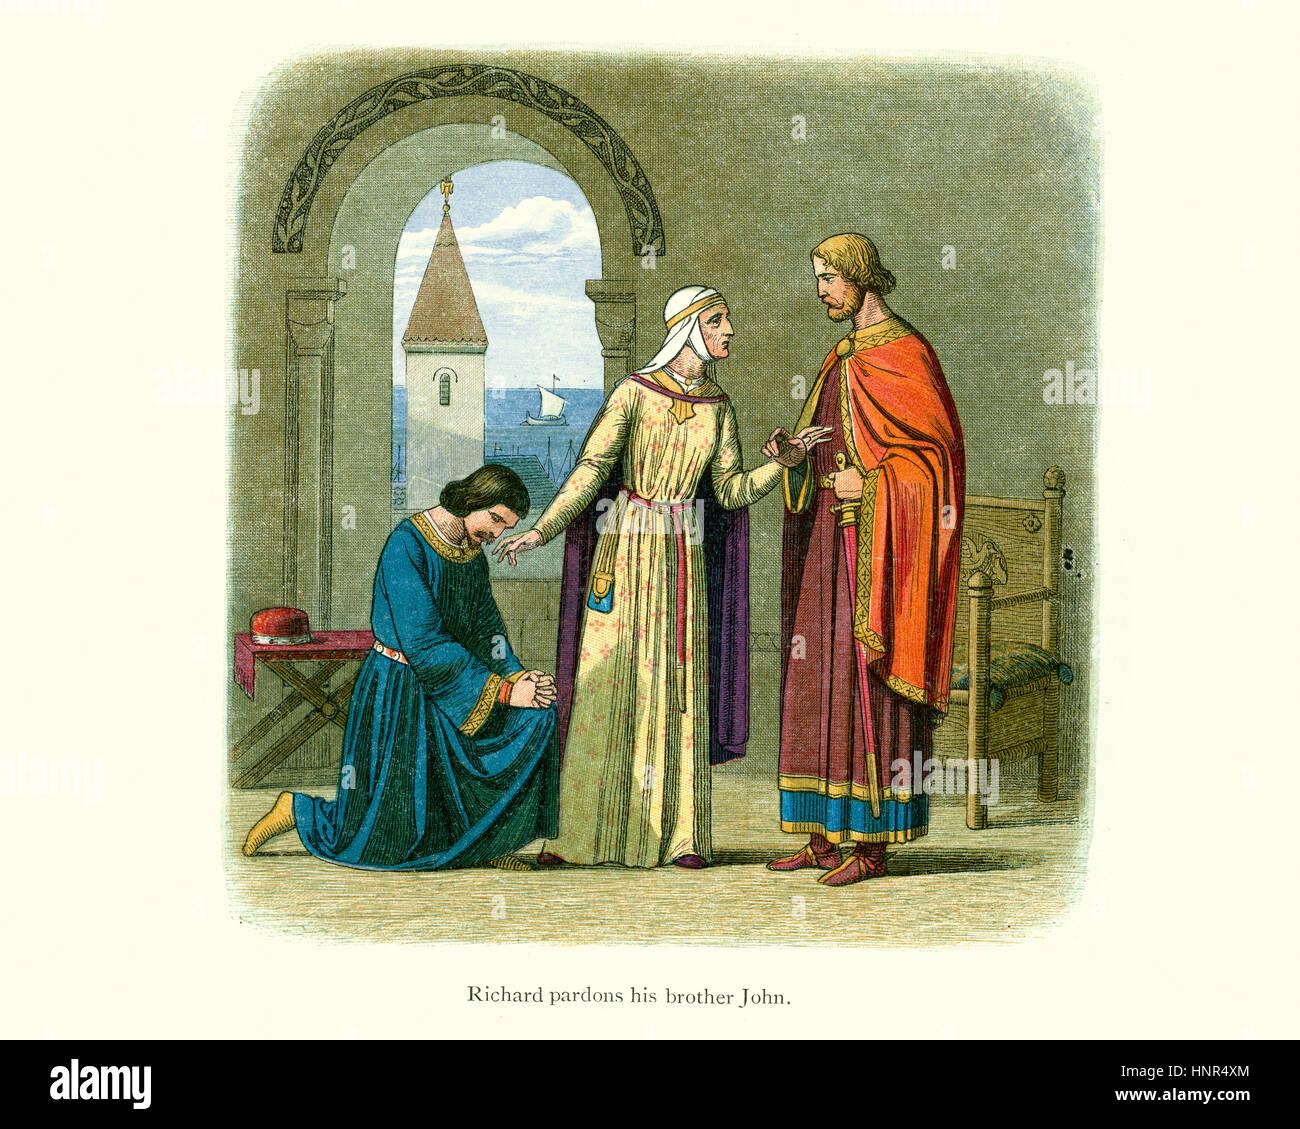 King Richard the Lioheart pardoning his brother Prince John. Richard Doyle, Chronicle of England - Stock Image